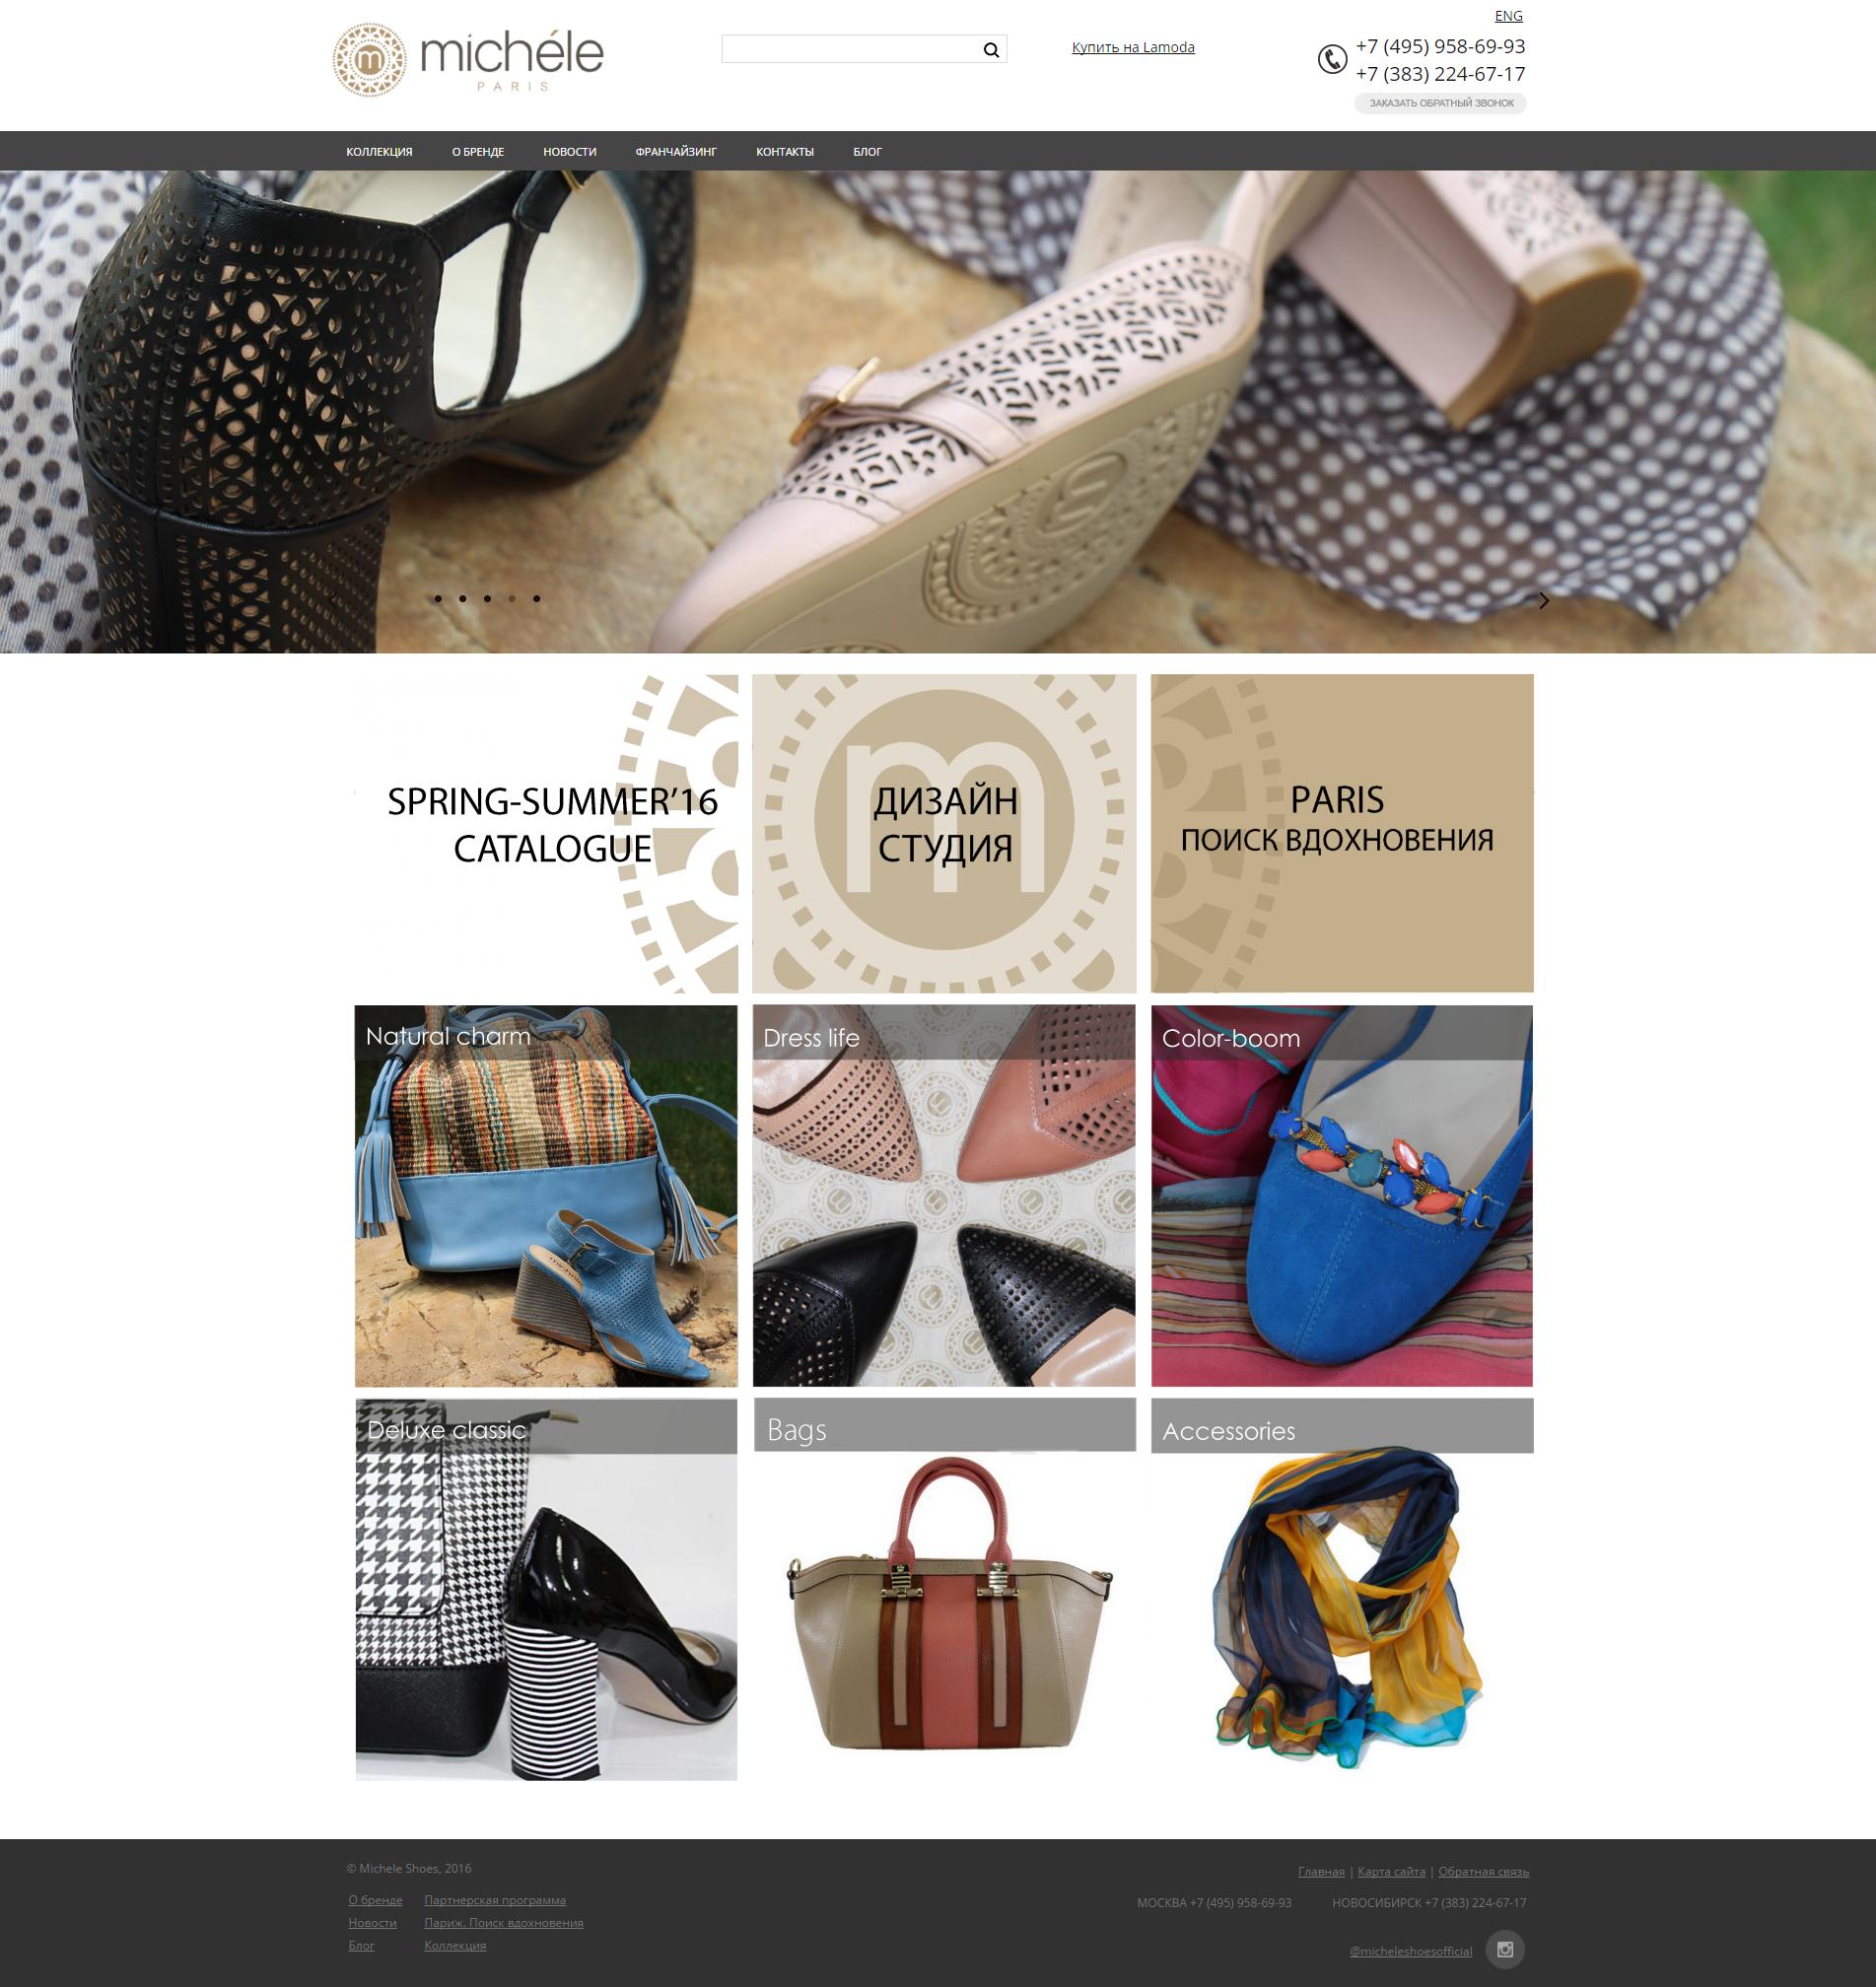 Сайт производителя обуви и аксессуаров